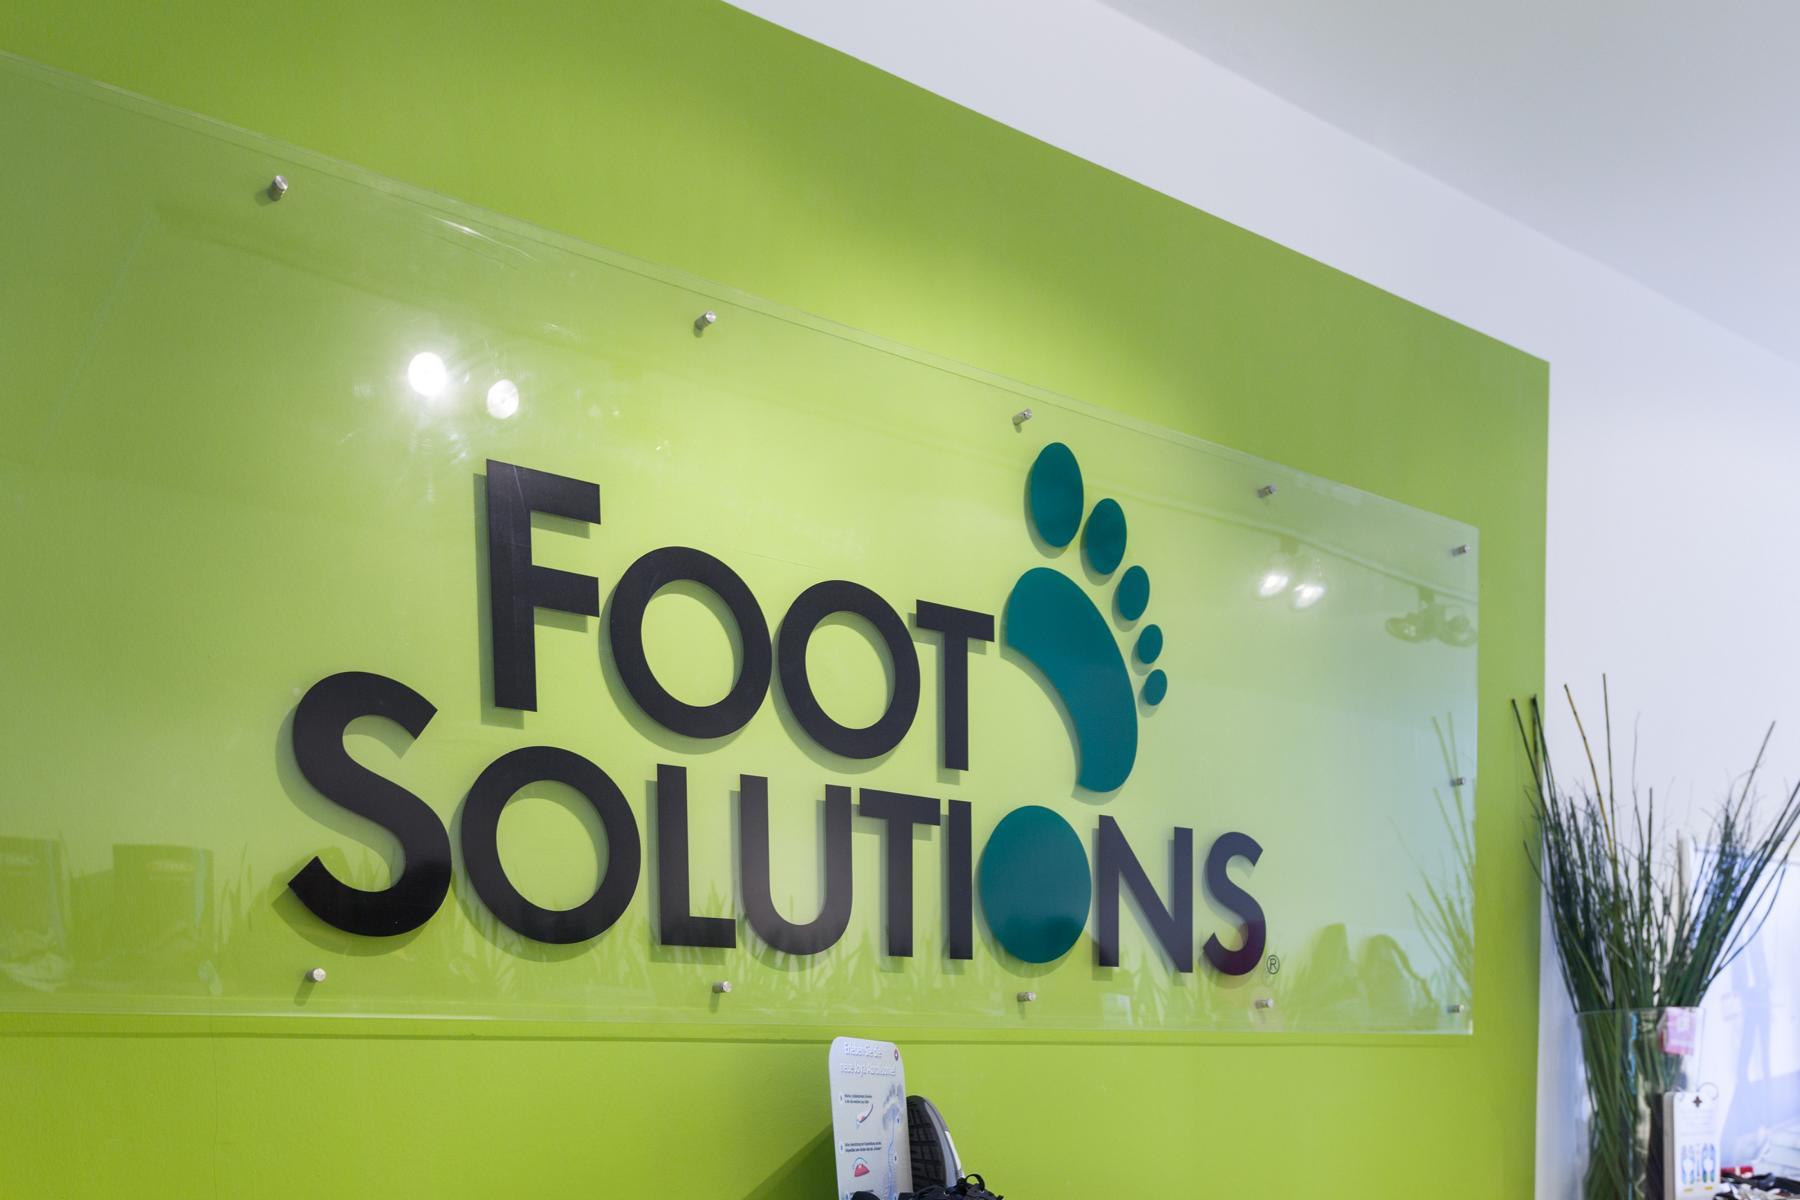 Footsolutions Filiale in Köln, Innenbereich